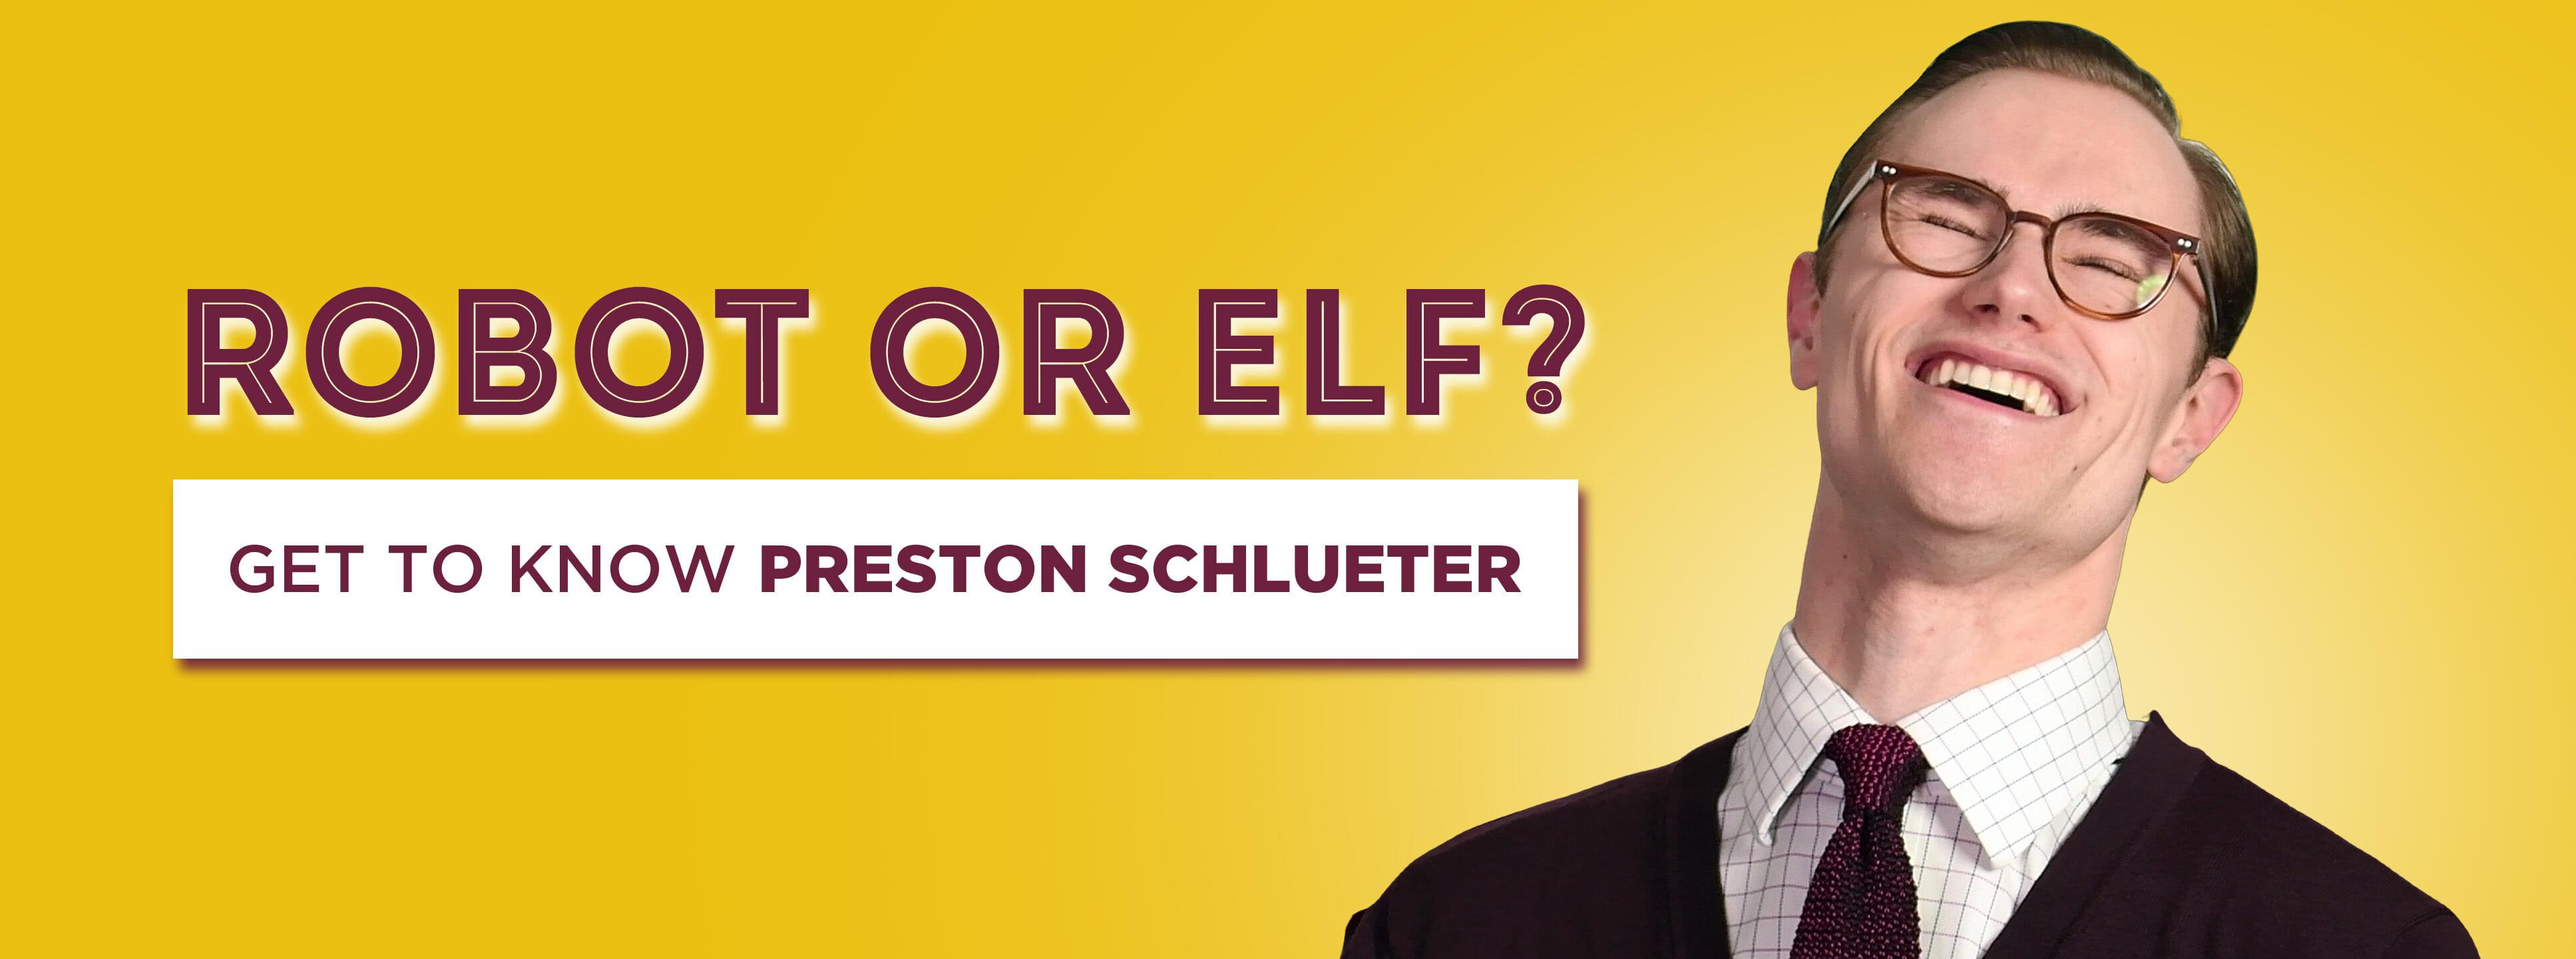 Robot or Elf? Get to Know Preston Schlueter!